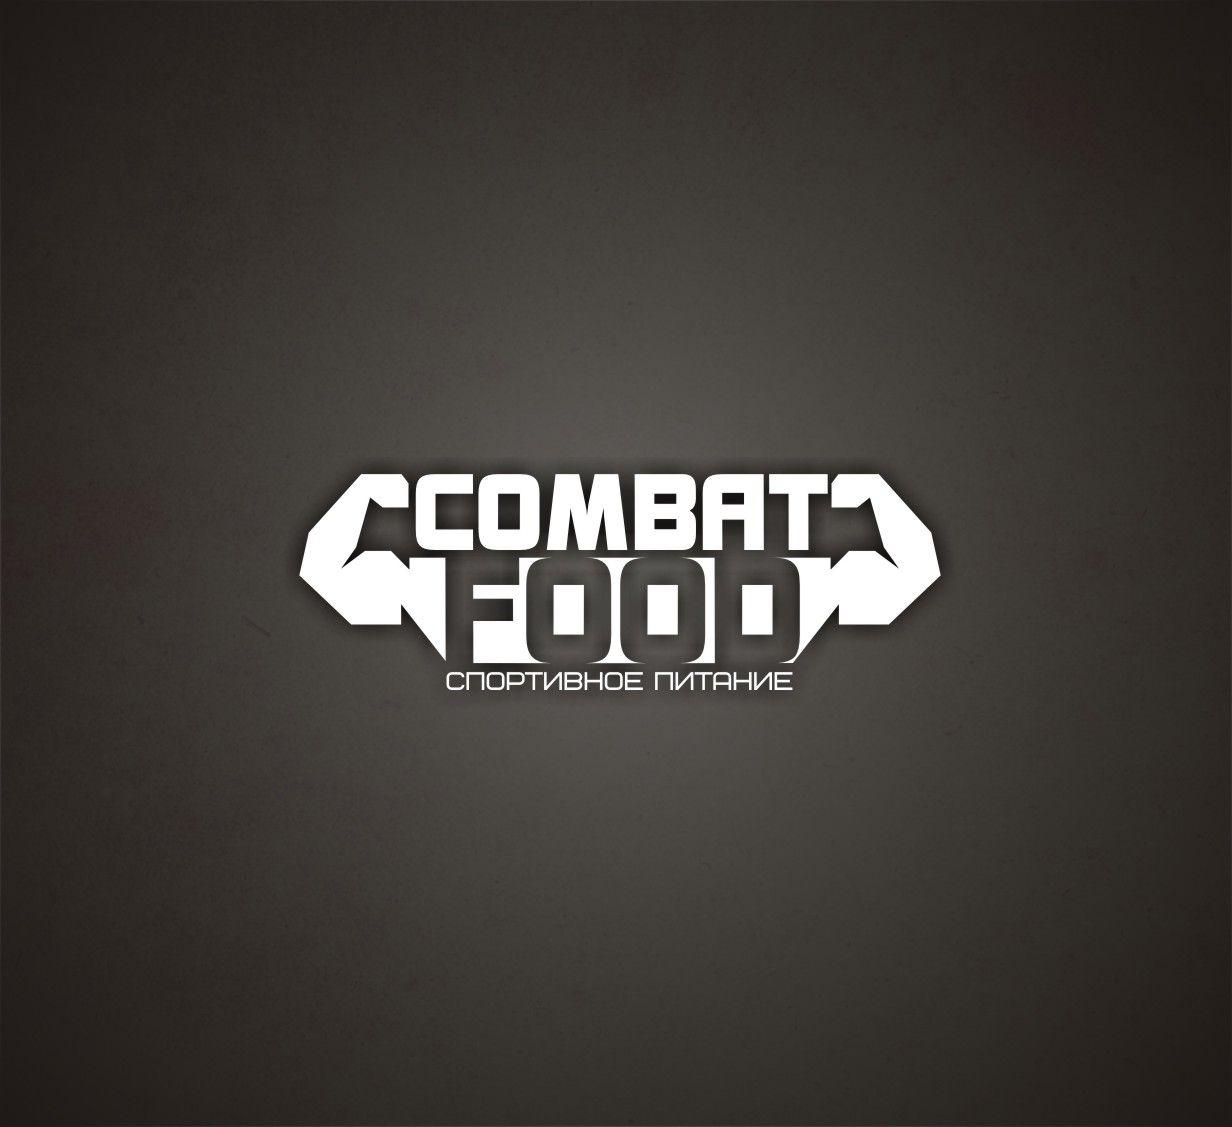 Логотип для интернет-магазина спортивного питания - дизайнер ElenaCHEHOVA